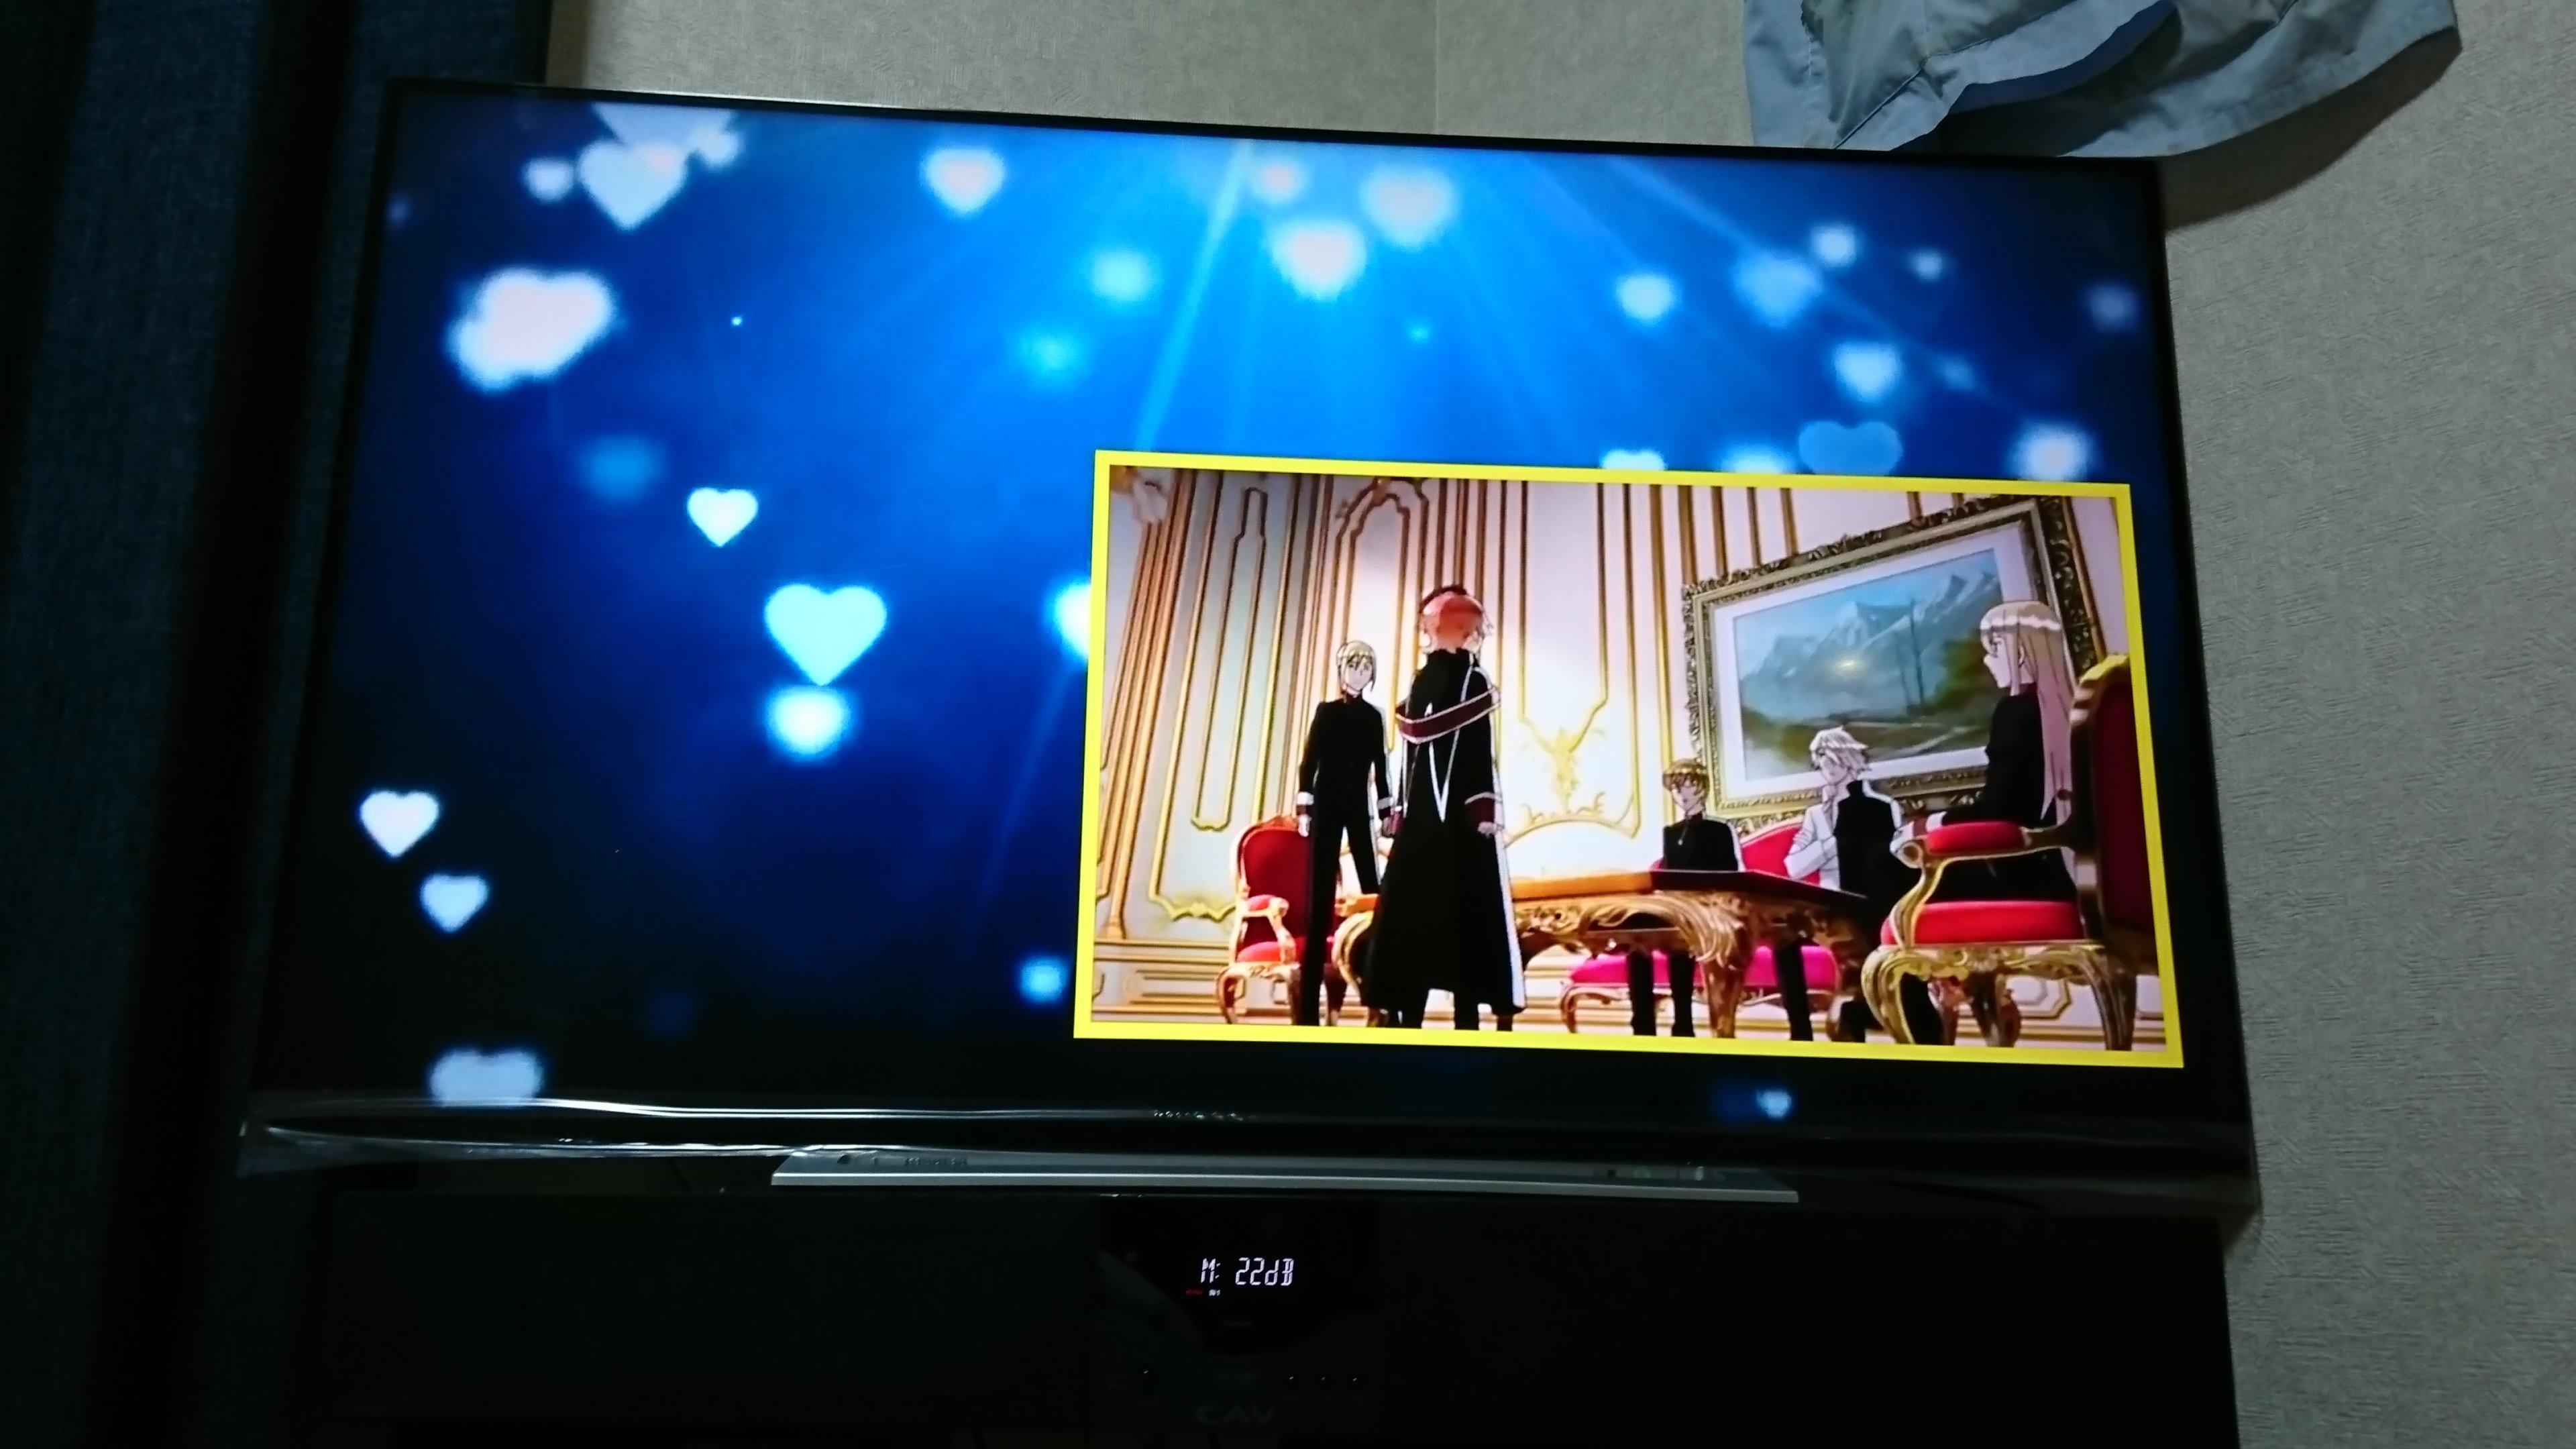 テレビ買いました(^-^)/テレビでYouTube見れるとか最高です!!…